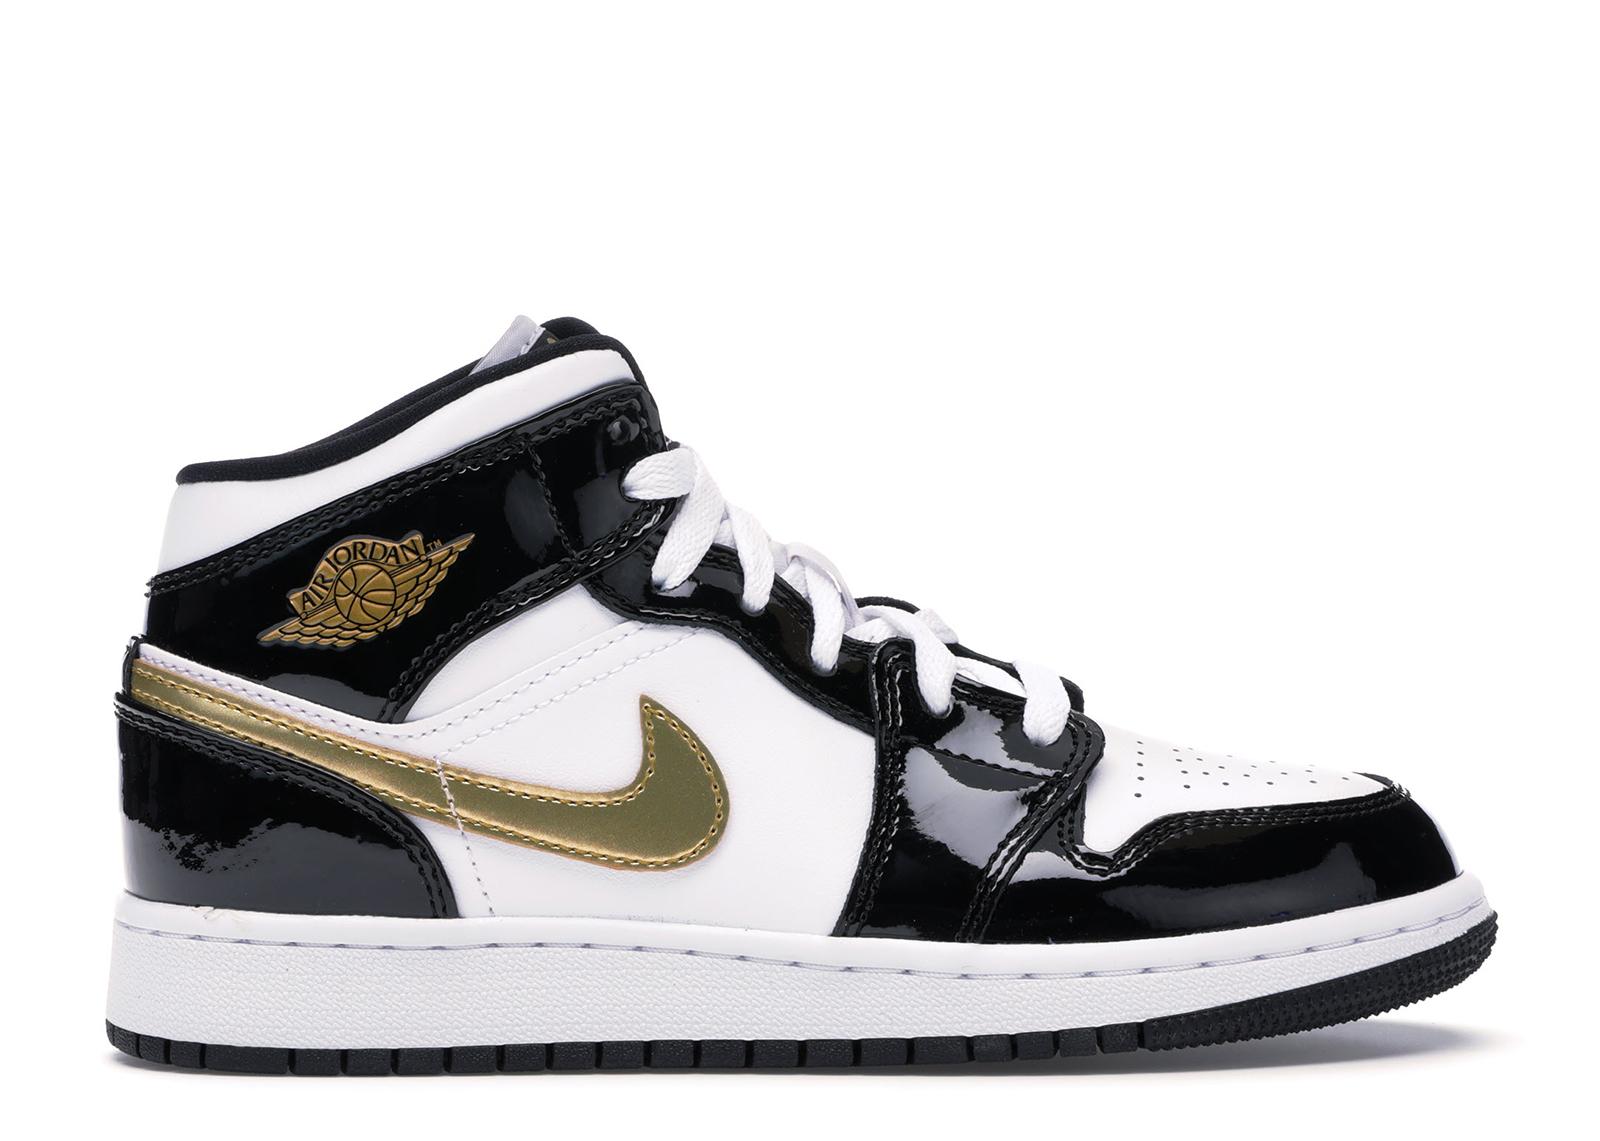 Jordan 1 Mid Patent Black White Gold (GS)